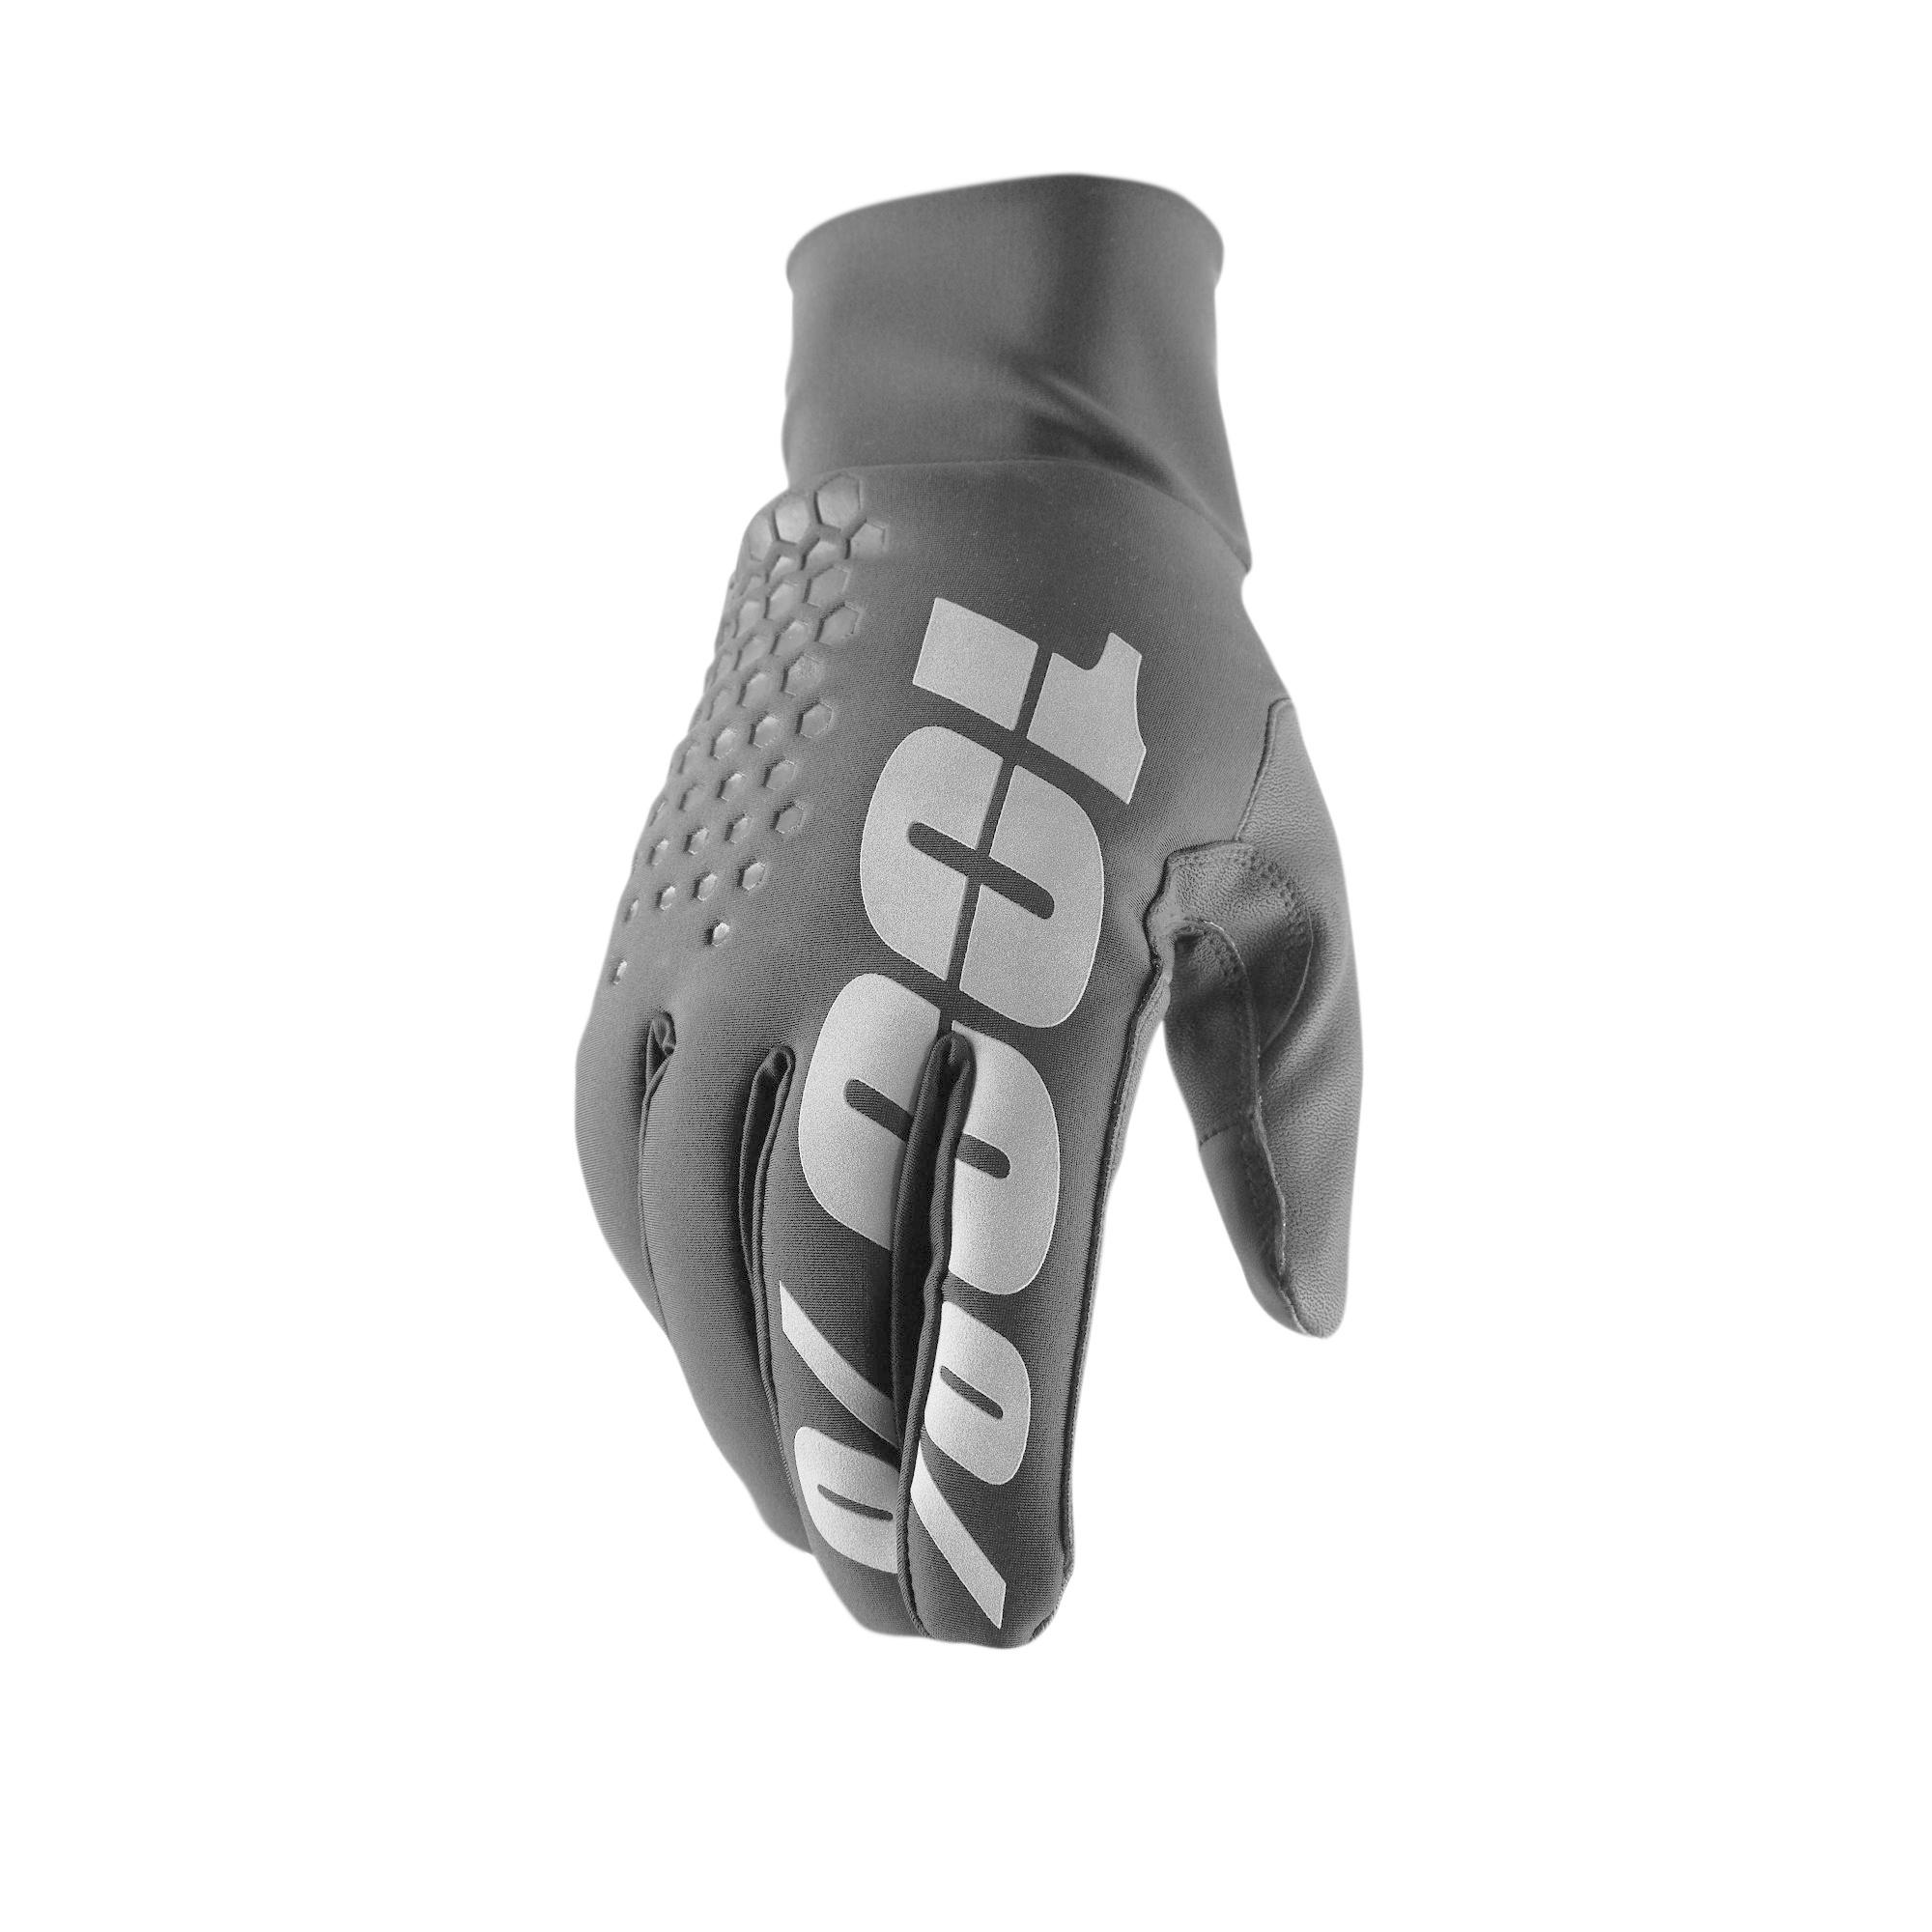 100% Hydromatic Brisker Winter Glove-1